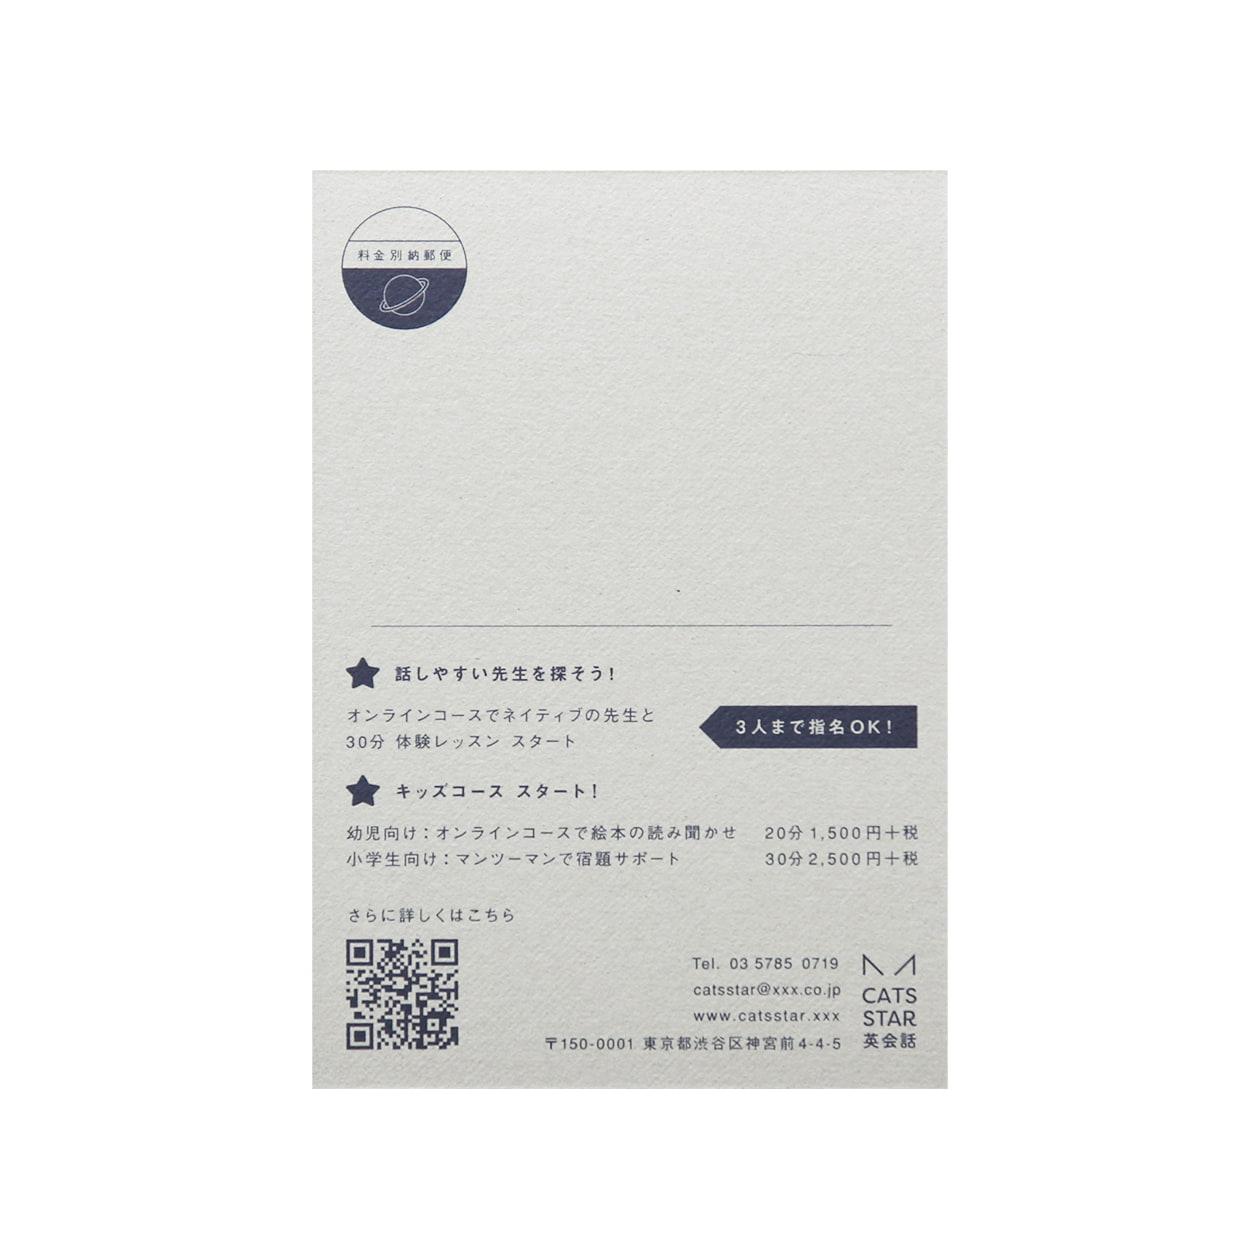 サンプル カード・シート 00448